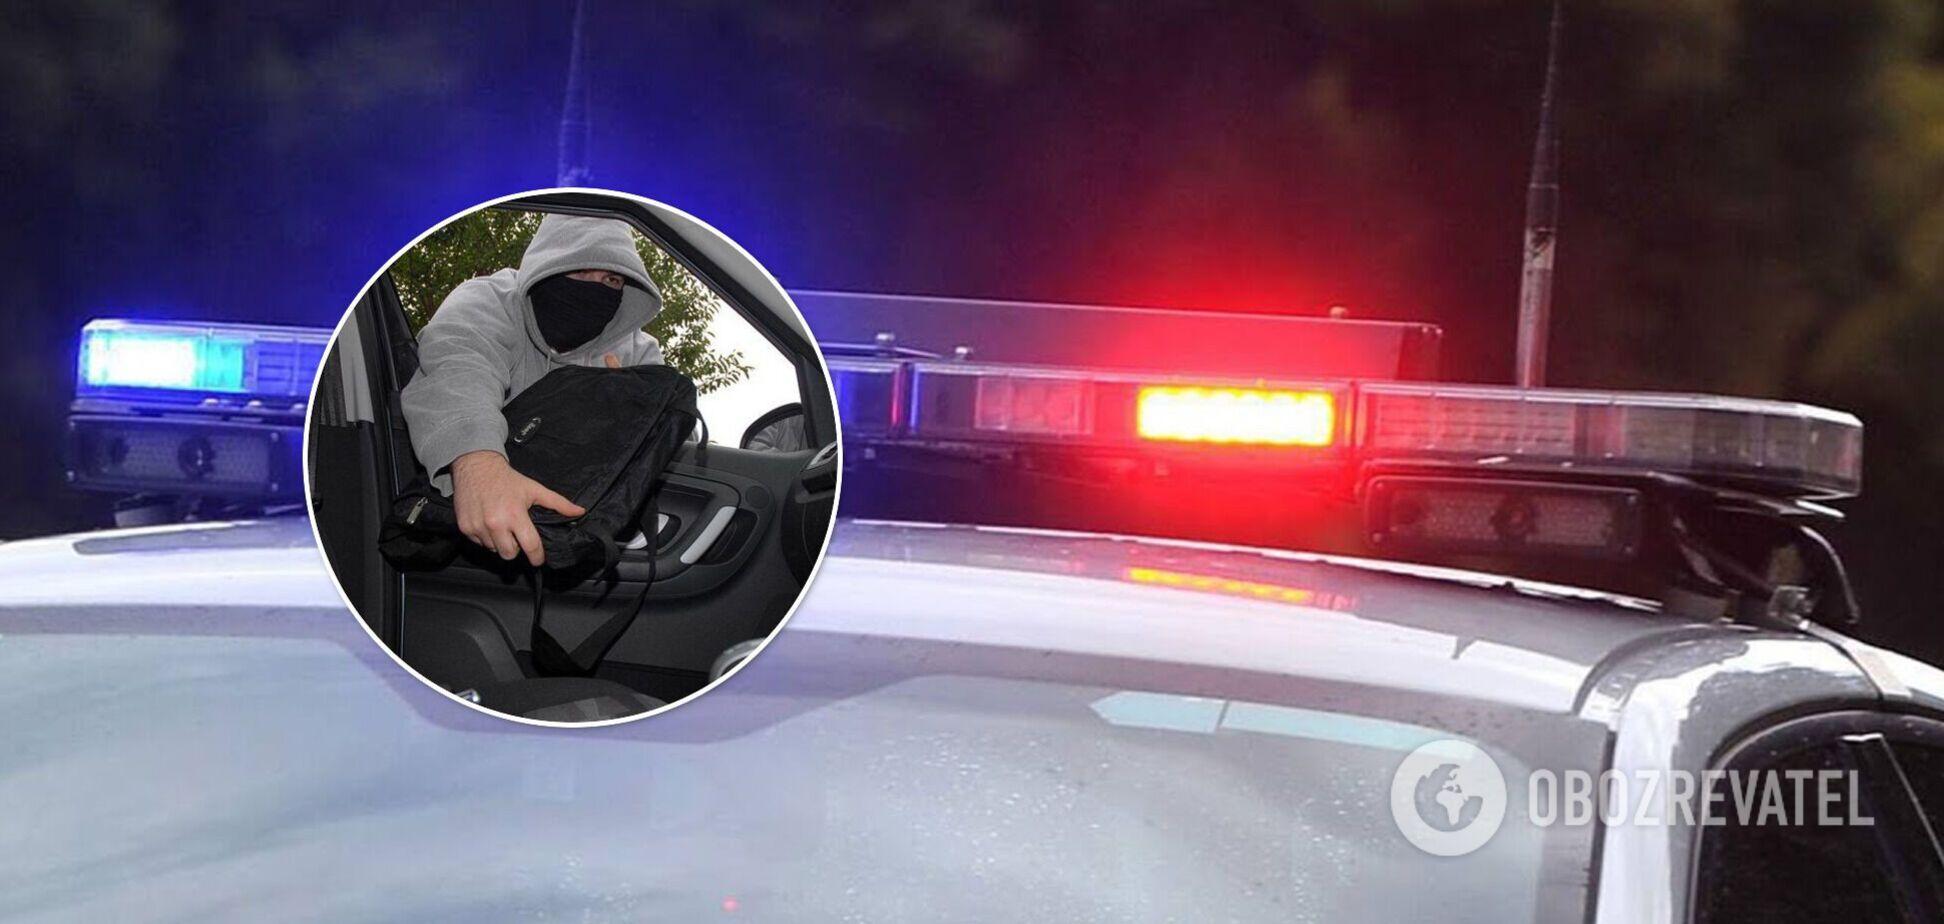 У Дніпрі з авто вкрали пів мільйона гривень, в місті оголосили план 'Перехоплення', – ЗМІ